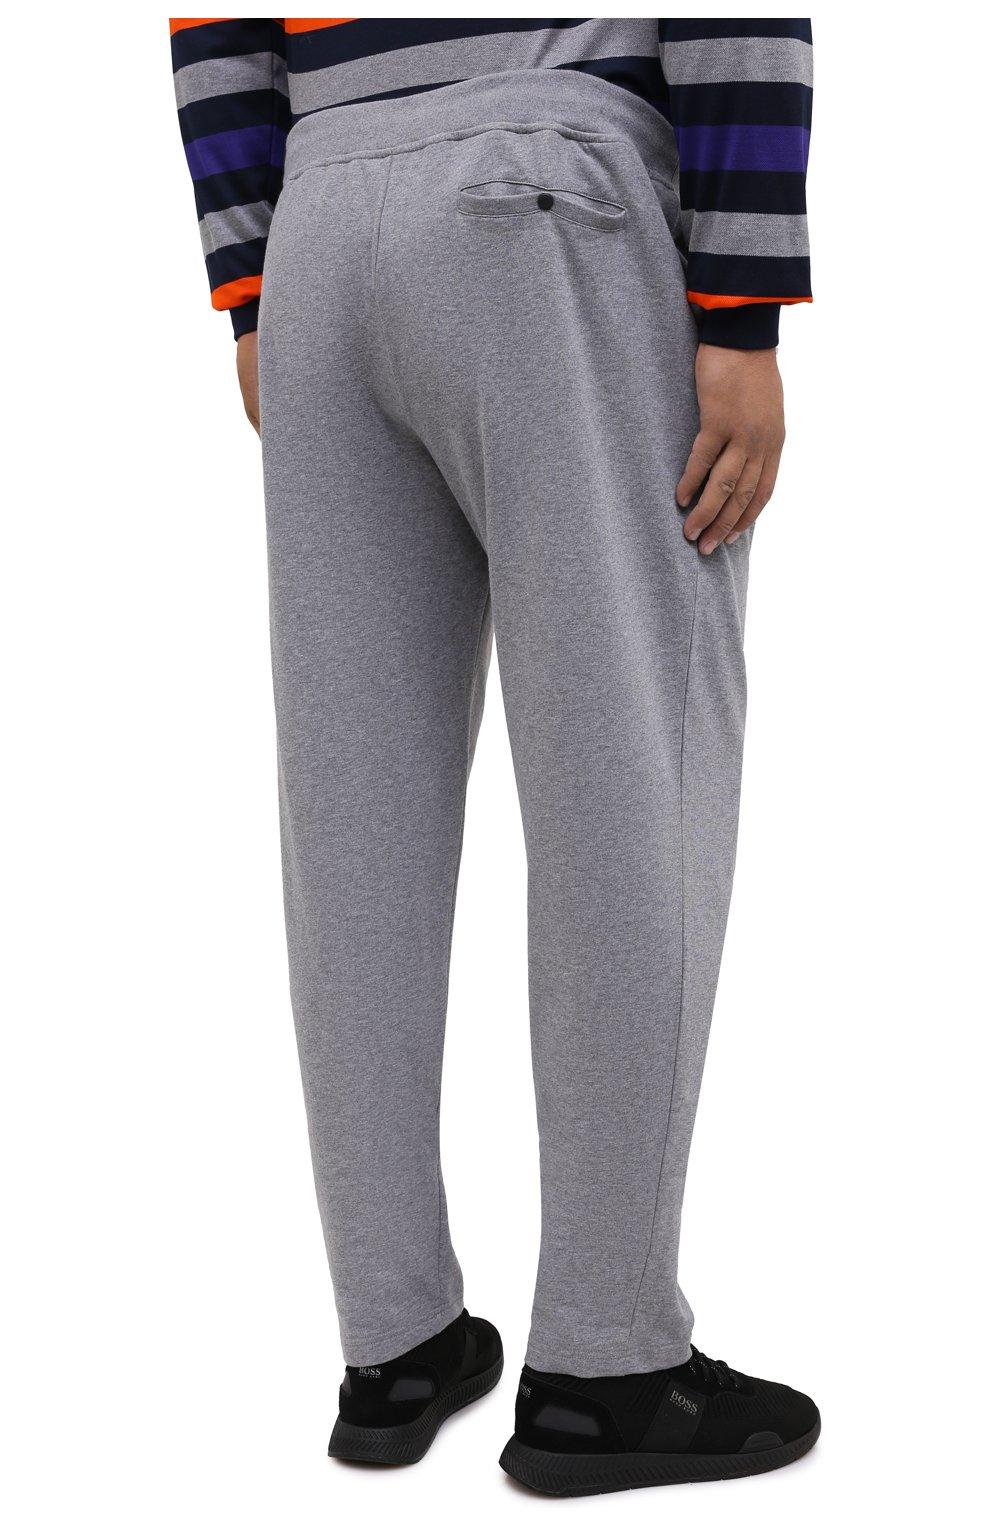 Мужские хлопковые брюки PAUL&SHARK серого цвета, арт. C0P1062/C00/3XL-6XL   Фото 4 (Мужское Кросс-КТ: Брюки-трикотаж; Длина (брюки, джинсы): Стандартные; Случай: Повседневный; Материал внешний: Хлопок; Стили: Спорт-шик)